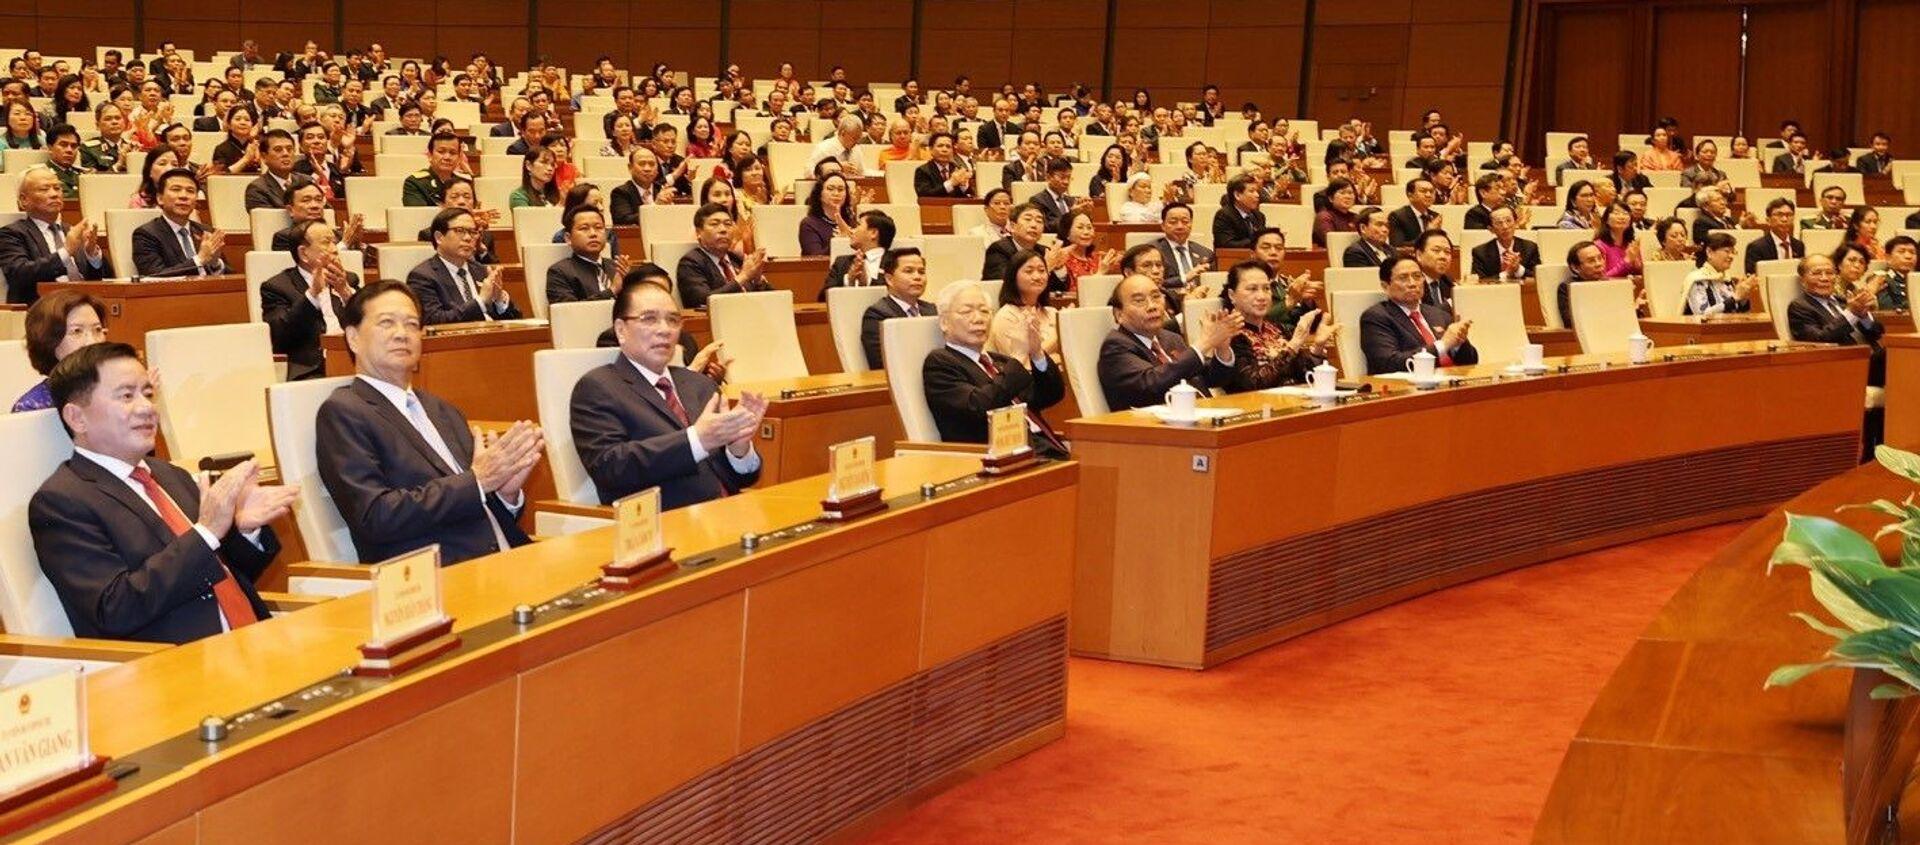 Các đồng chí lãnh đạo và nguyên lãnh đạo Đảng và Nhà nước cùng các đại biểu Quốc hội dự bế mạc Kỳ họp thứ 11, Quốc hội khoá XIV. - Sputnik Việt Nam, 1920, 08.04.2021